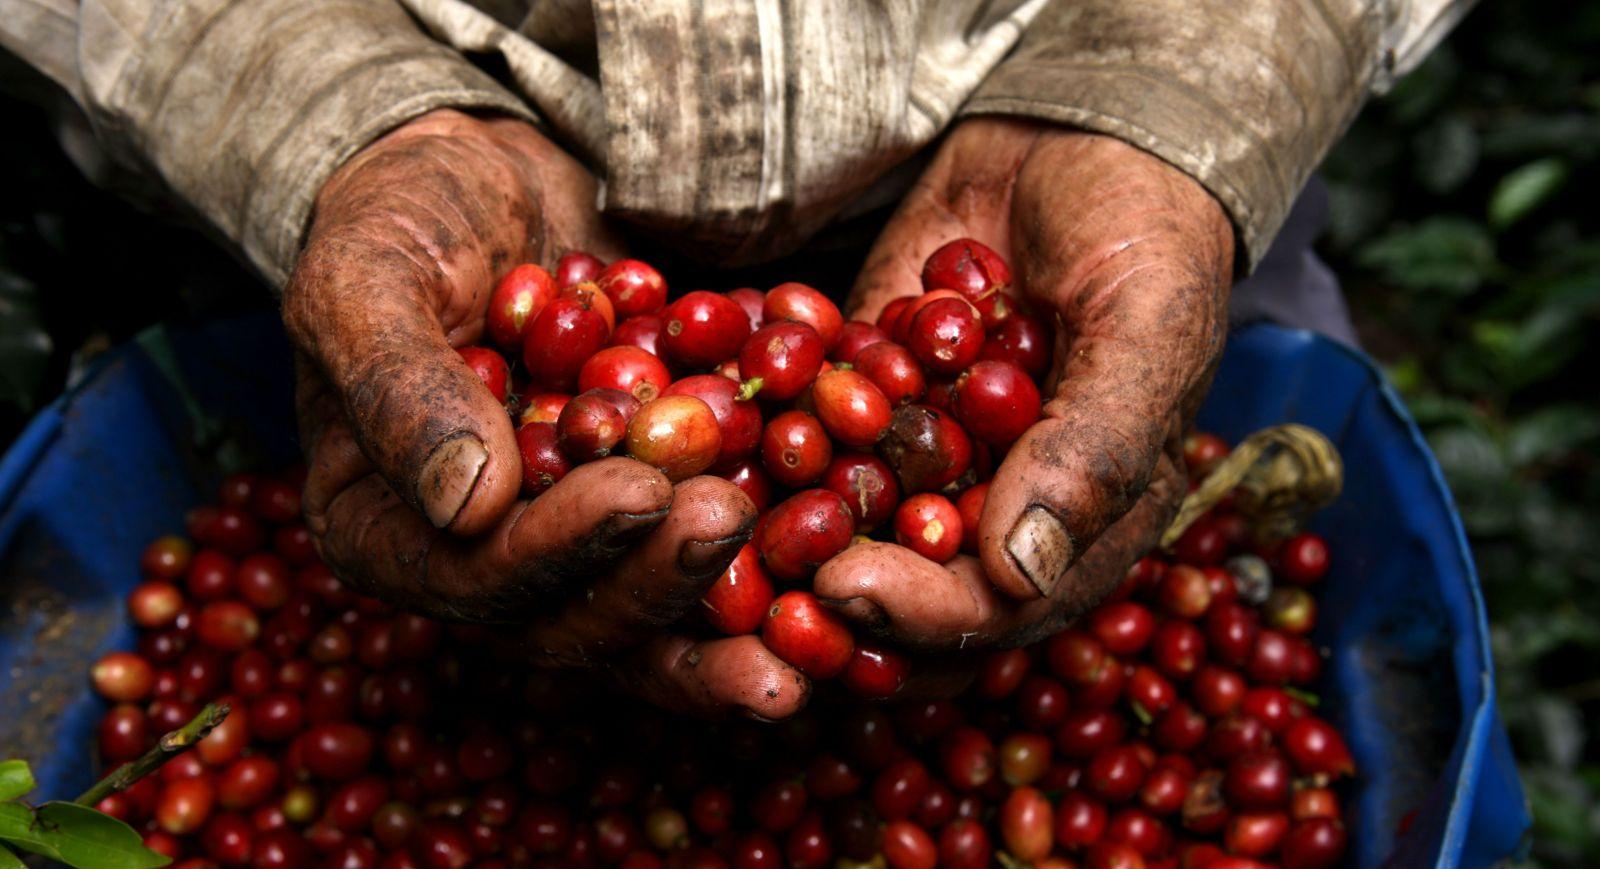 Campesinos de países productores de café en crisis por bajos precios del  grano | La Portada Canadá